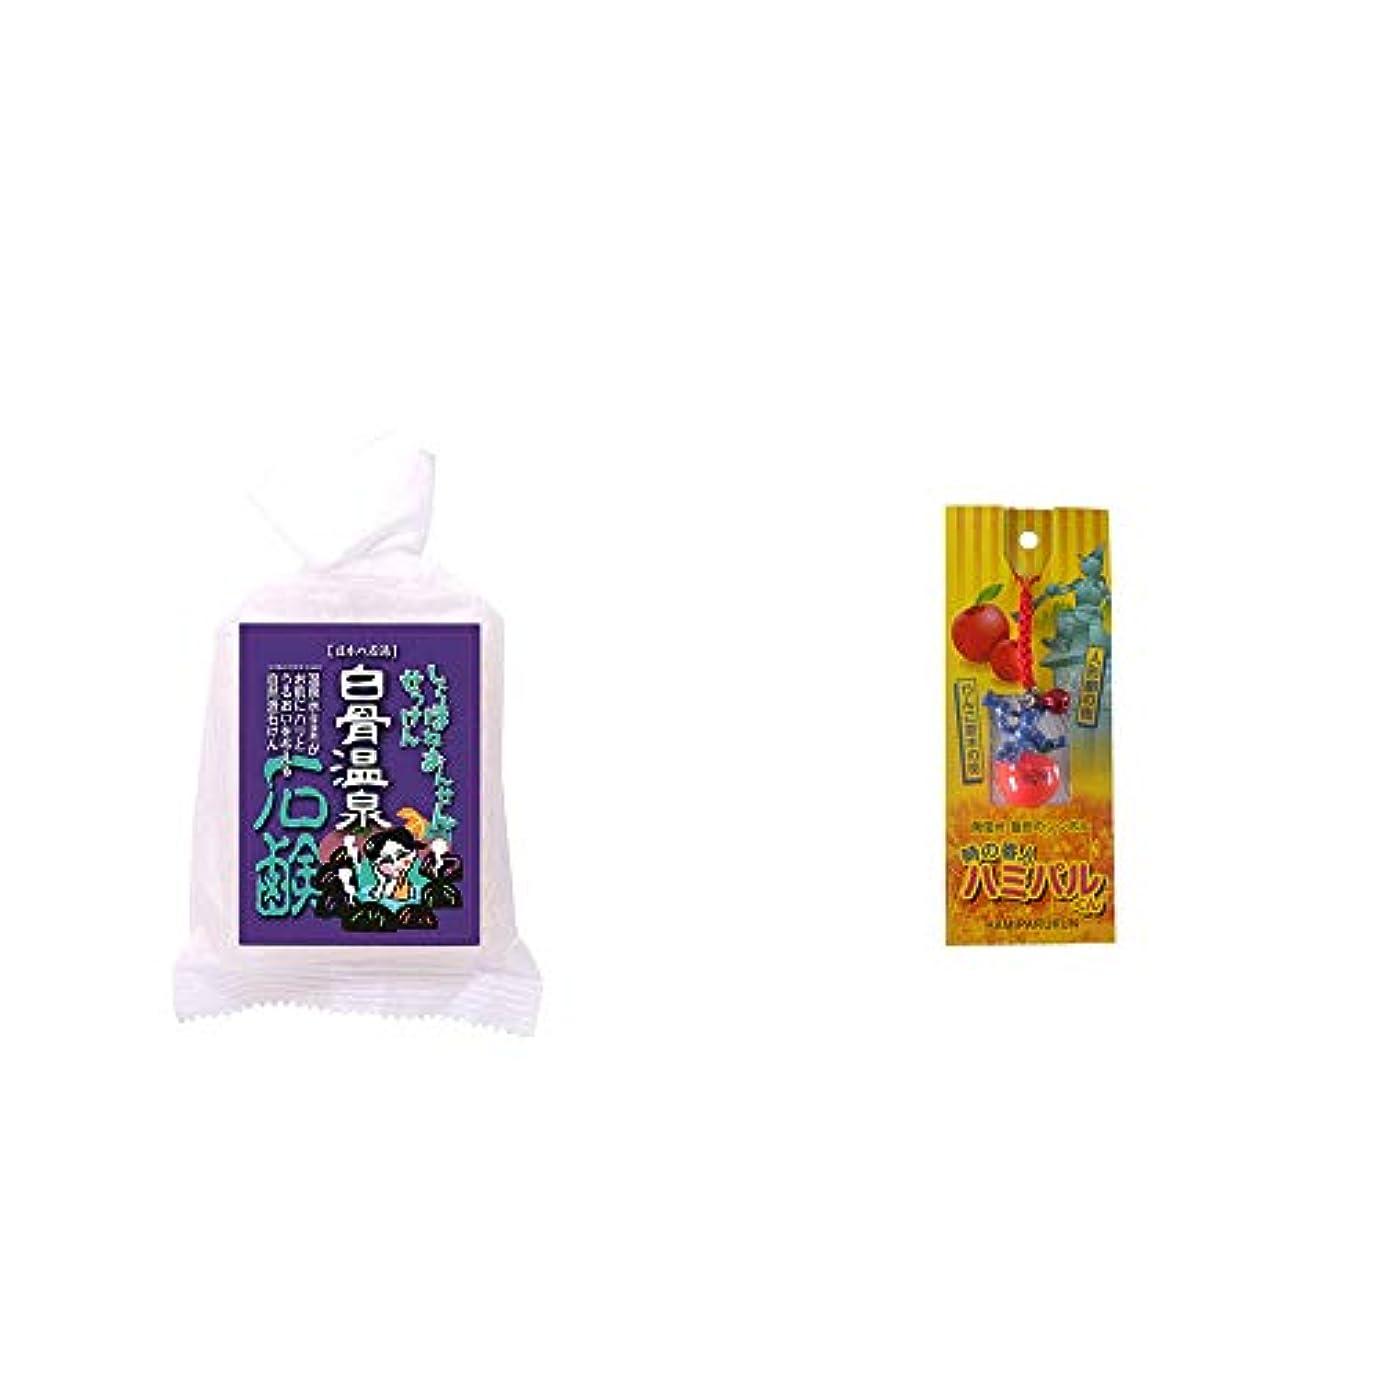 ウェーハ西限り[2点セット] 信州 白骨温泉石鹸(80g)?信州?飯田のシンボル 時の番人ハミパルくんストラップ